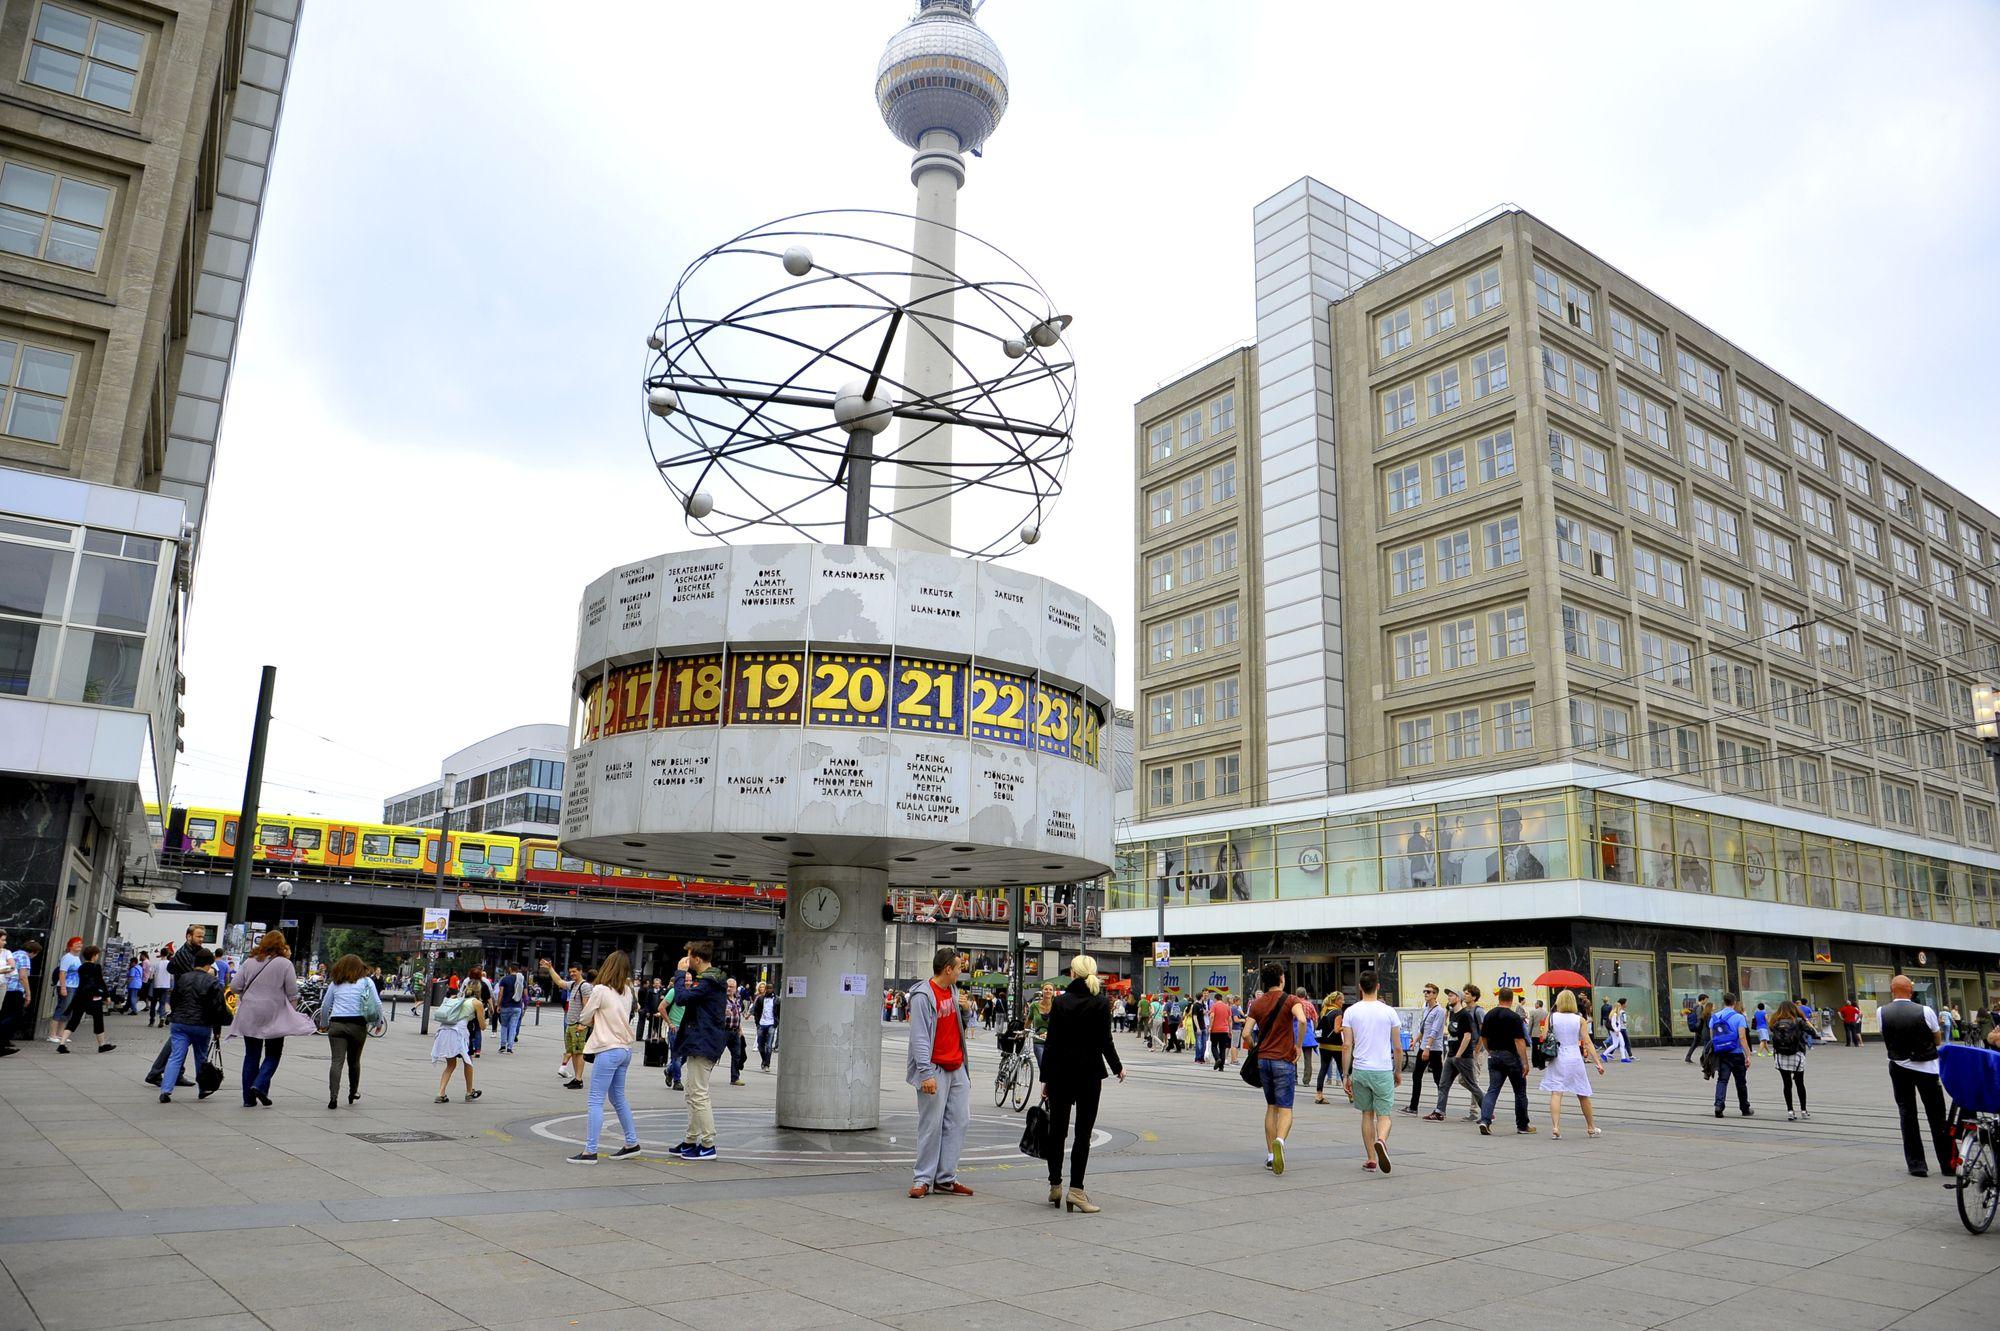 Image Result For Berlin Alexanderplatz Germany Street View Scenes